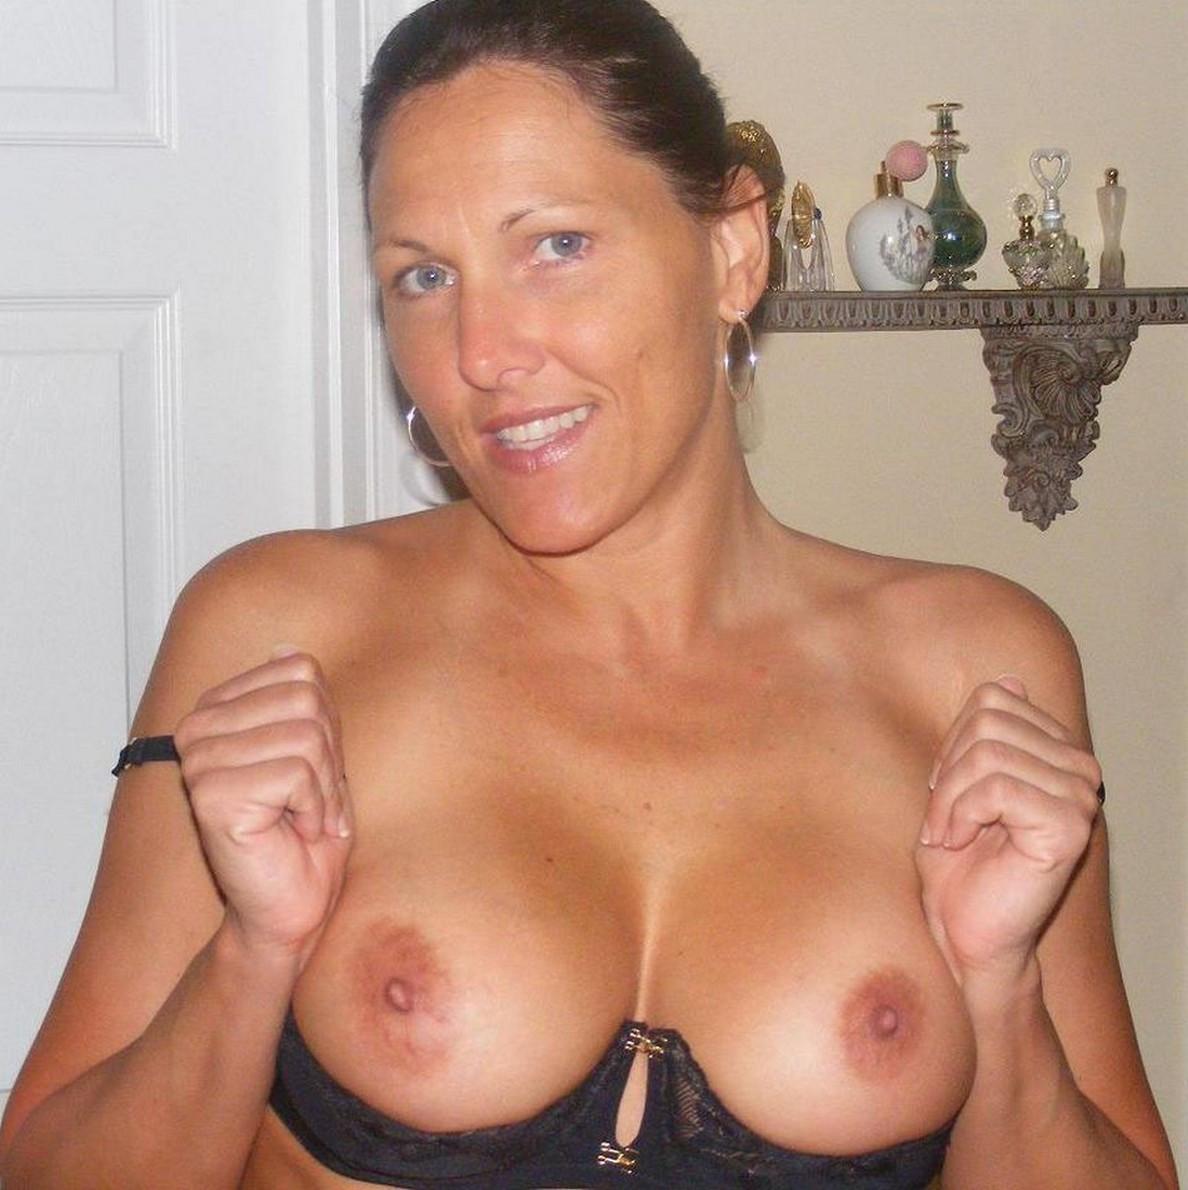 Hou jij van een geile vrouw van 51 jaar?